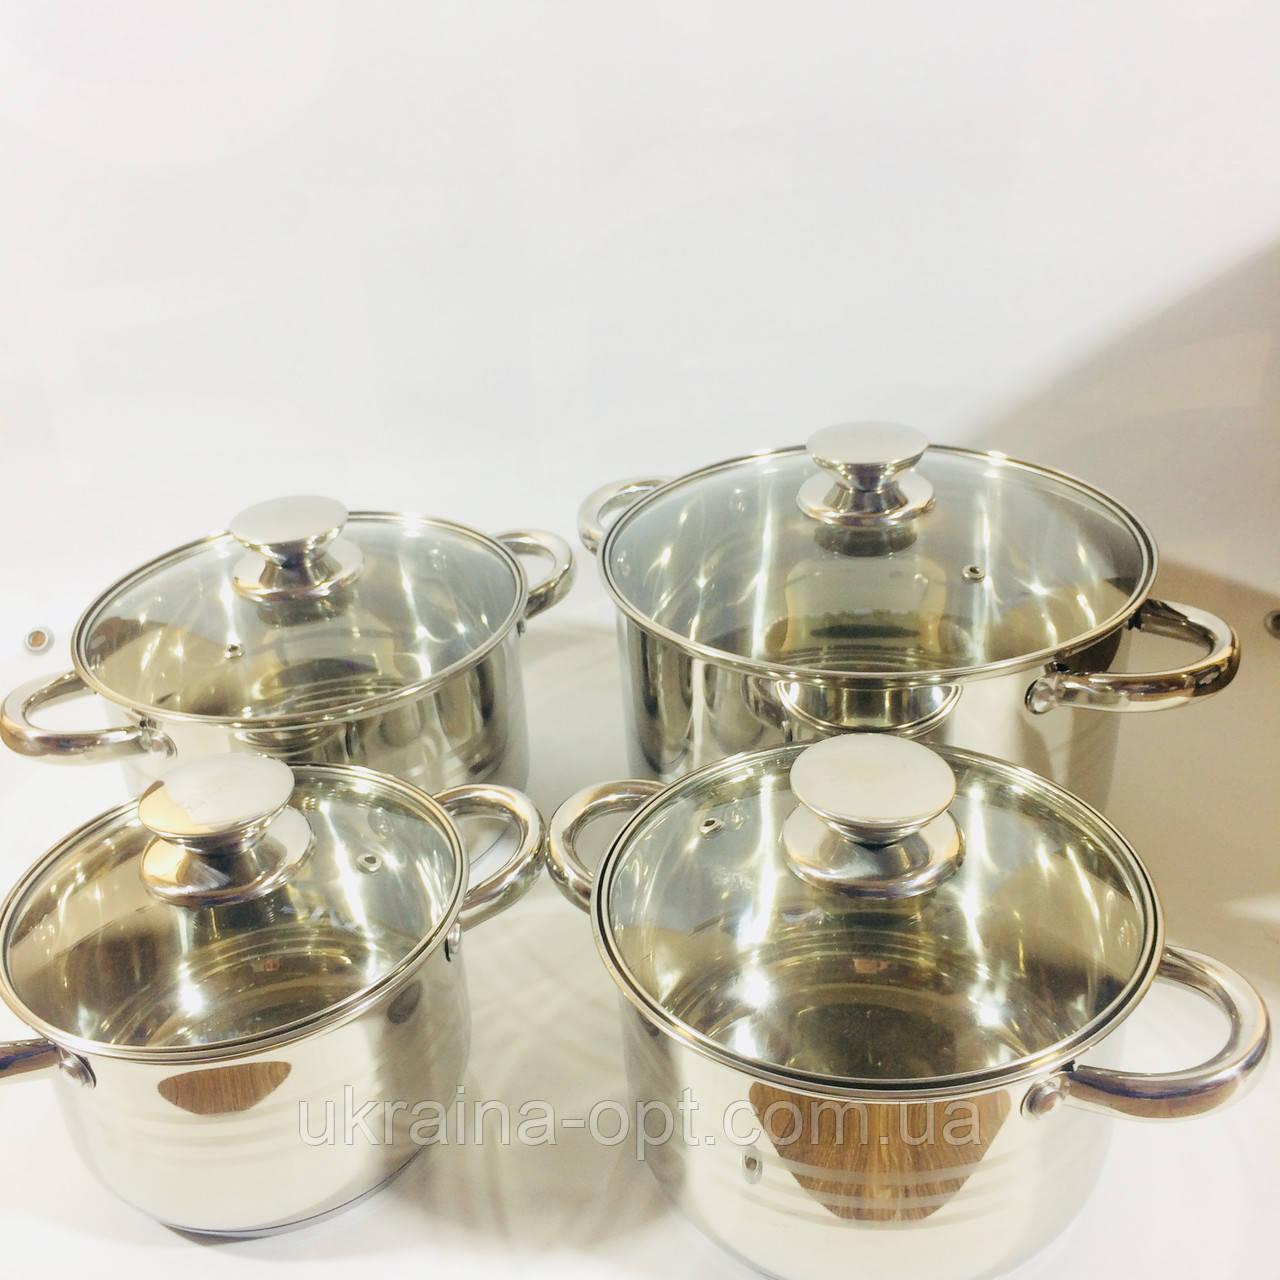 Набор посуды из 4 кастрюль с крышками (2.1 / 2.9 / 3.9 / 6.2 л)